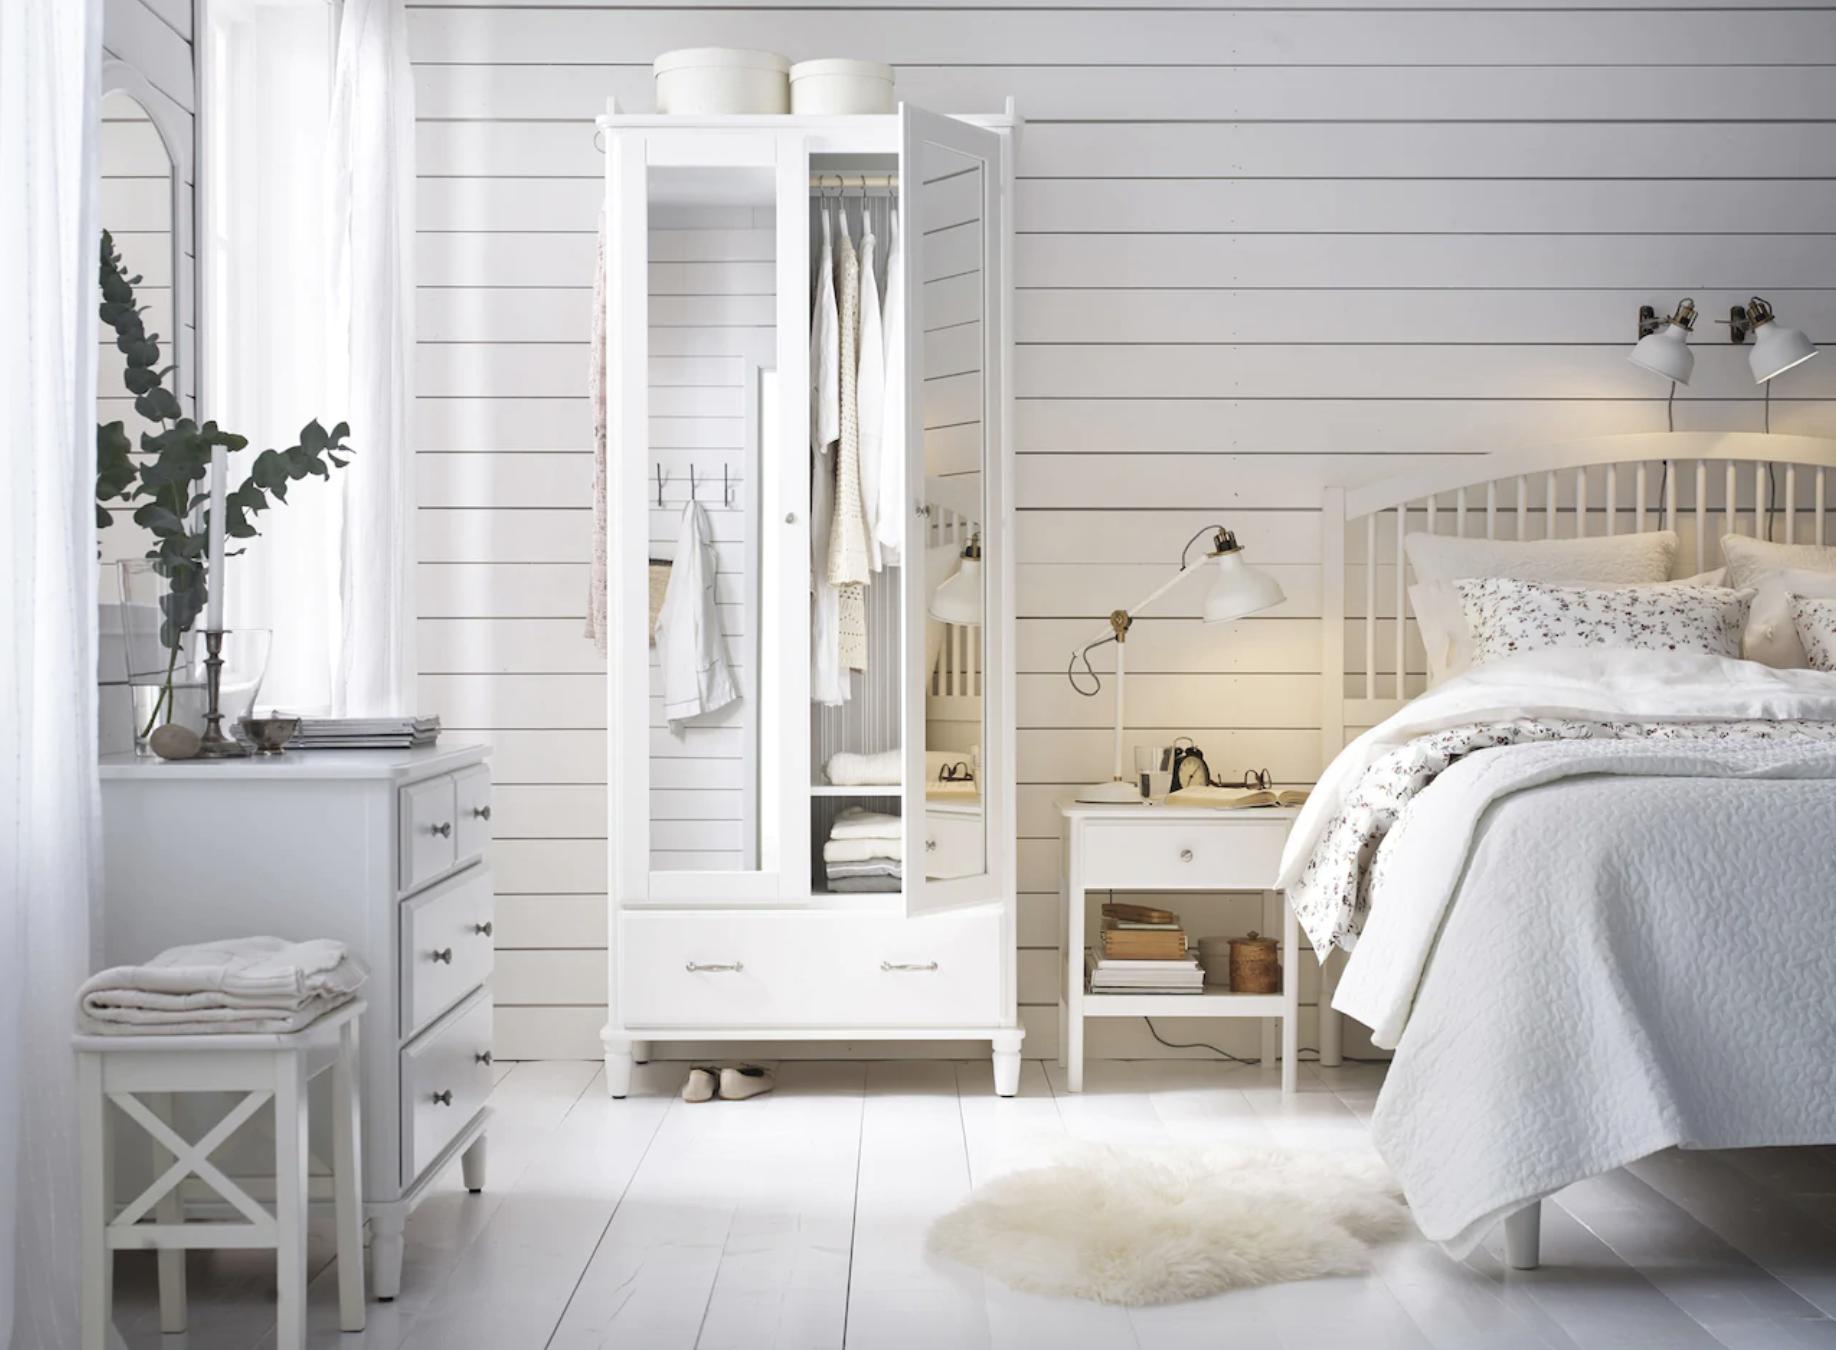 Tener un dormitorio chic no es sinónimo de despilfarre